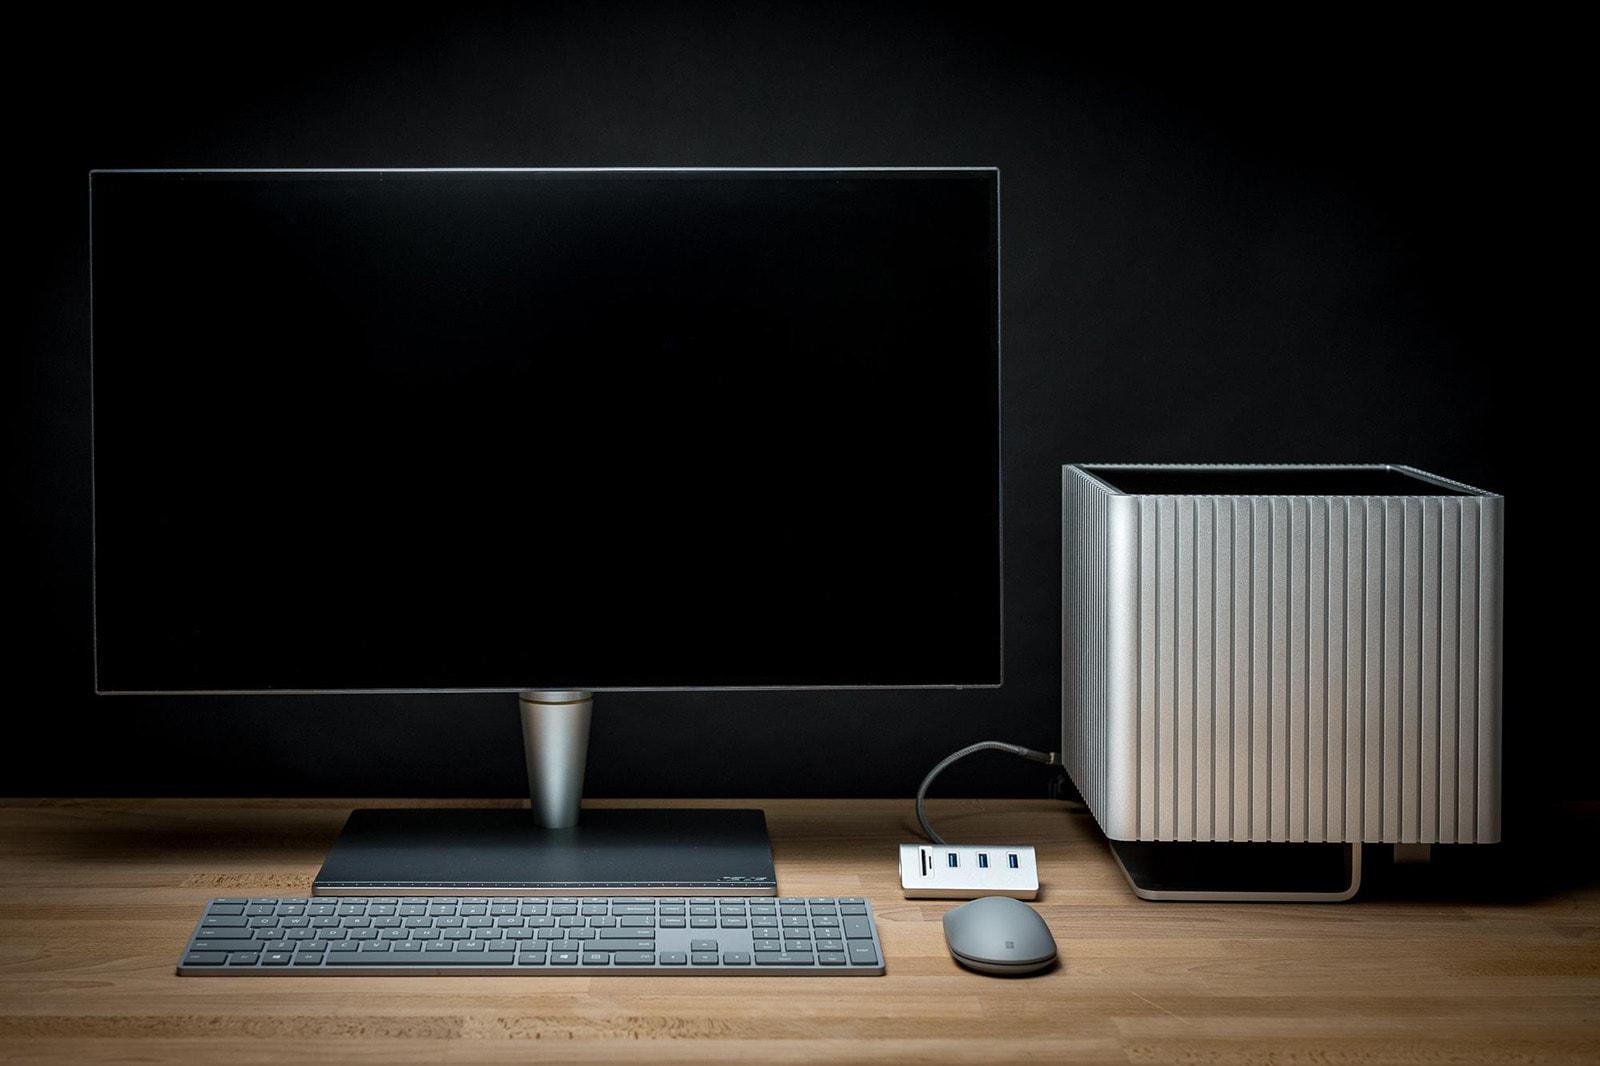 The unique Streacom DB4 PC case